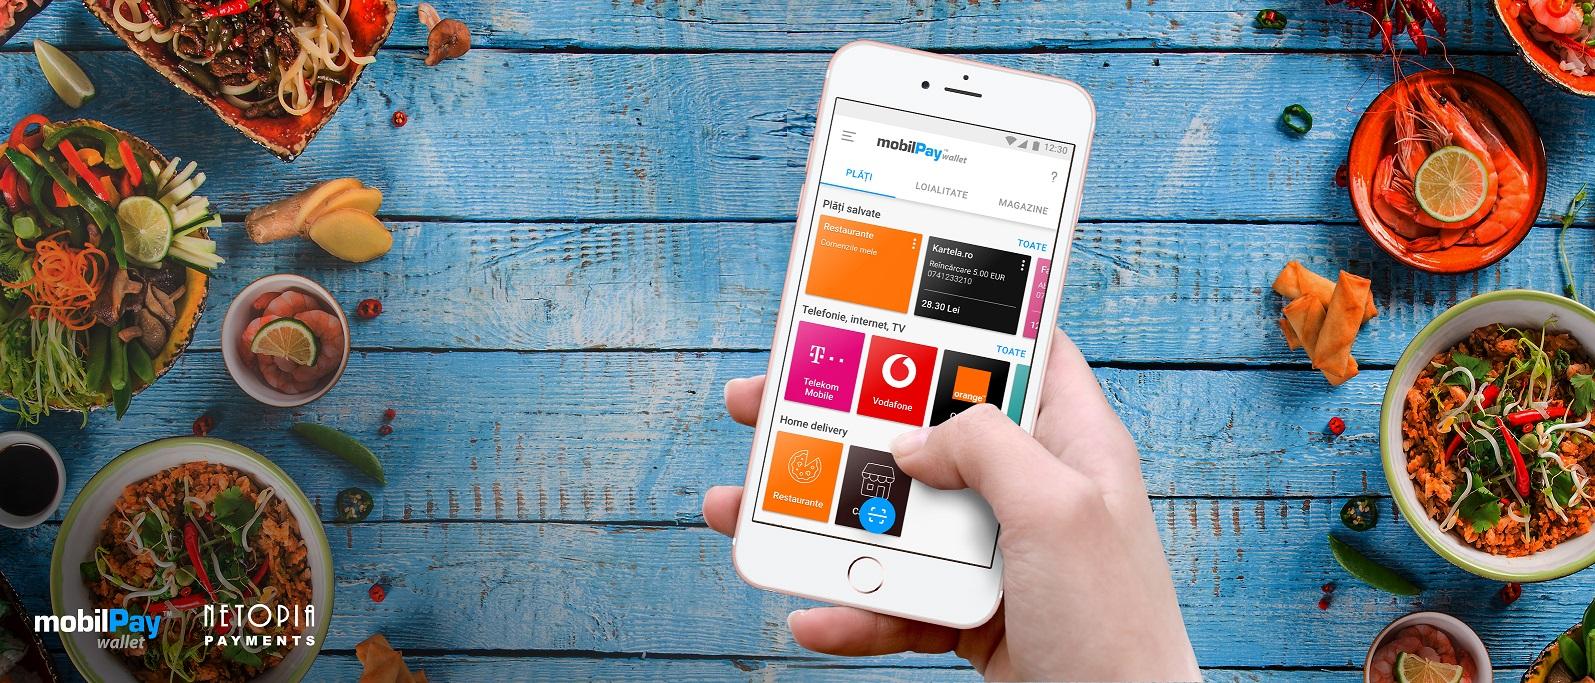 S-a lansat mobilPay Delivery, platforma pentru comenzi de la restaurante, magazine și producători locali